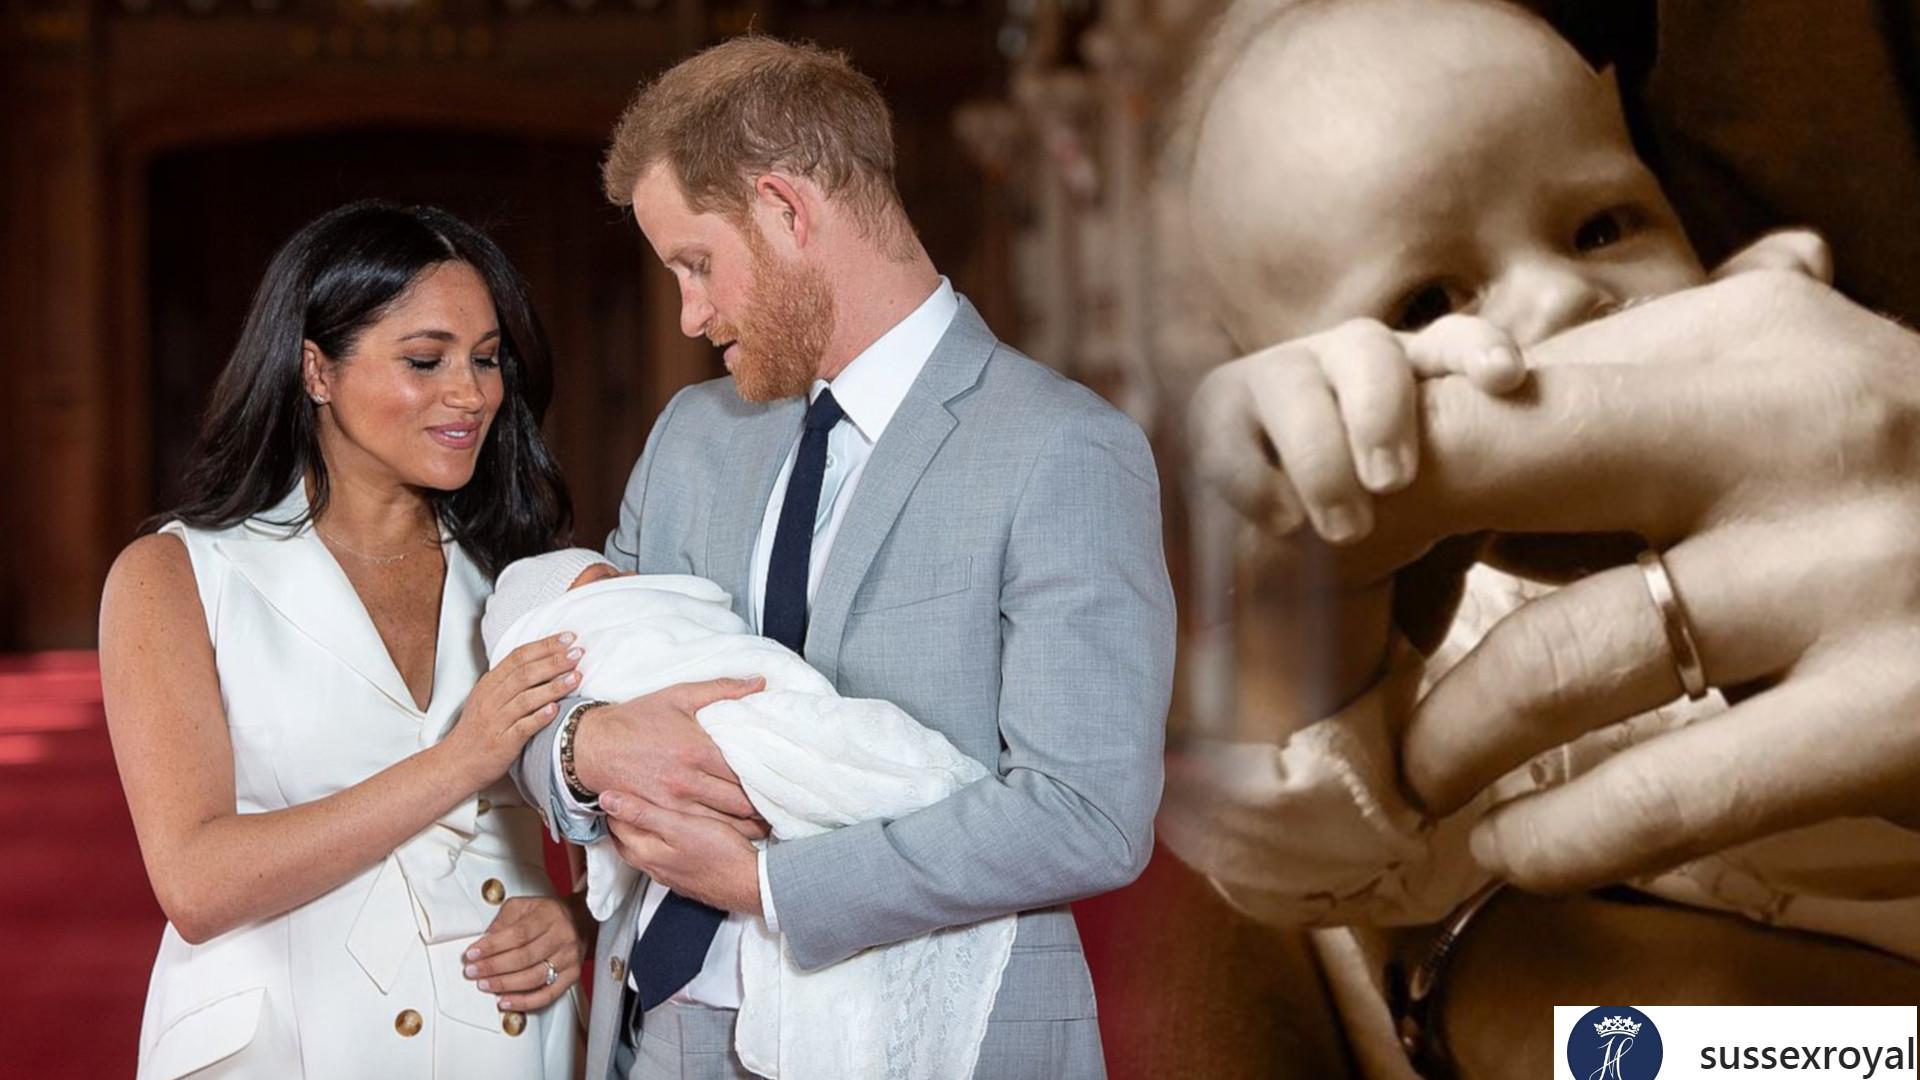 Dlaczego księżna Meghan i książę Harry nie pokazują całej twarzy dziecka?